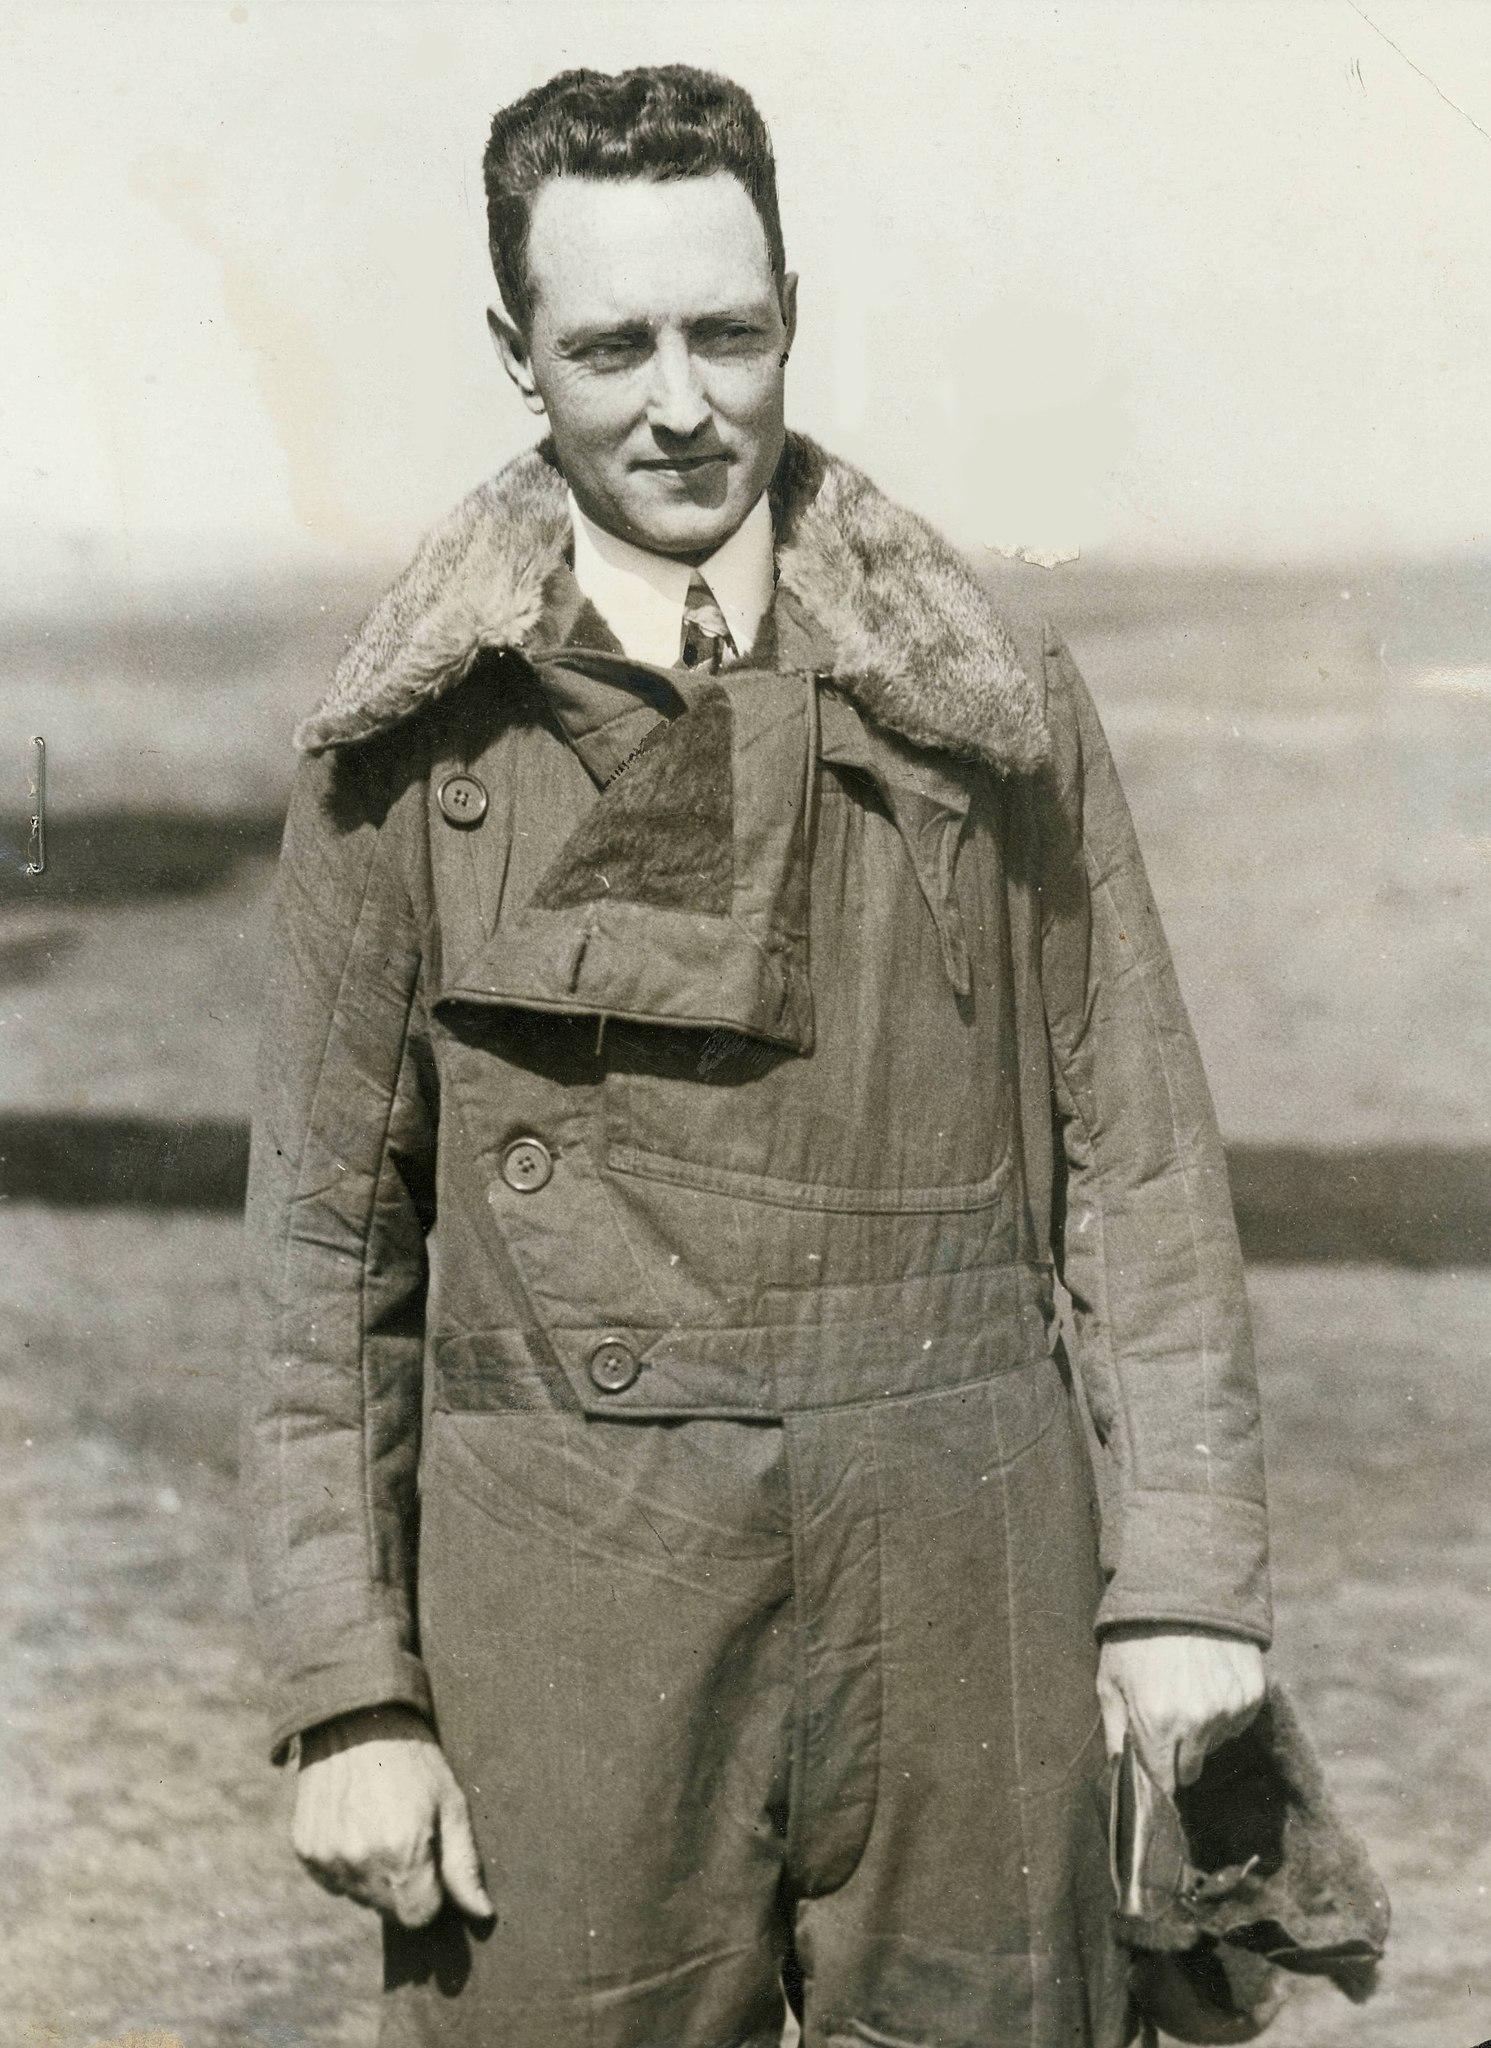 Richard Byrd en blouson d'aviateur, années 1920